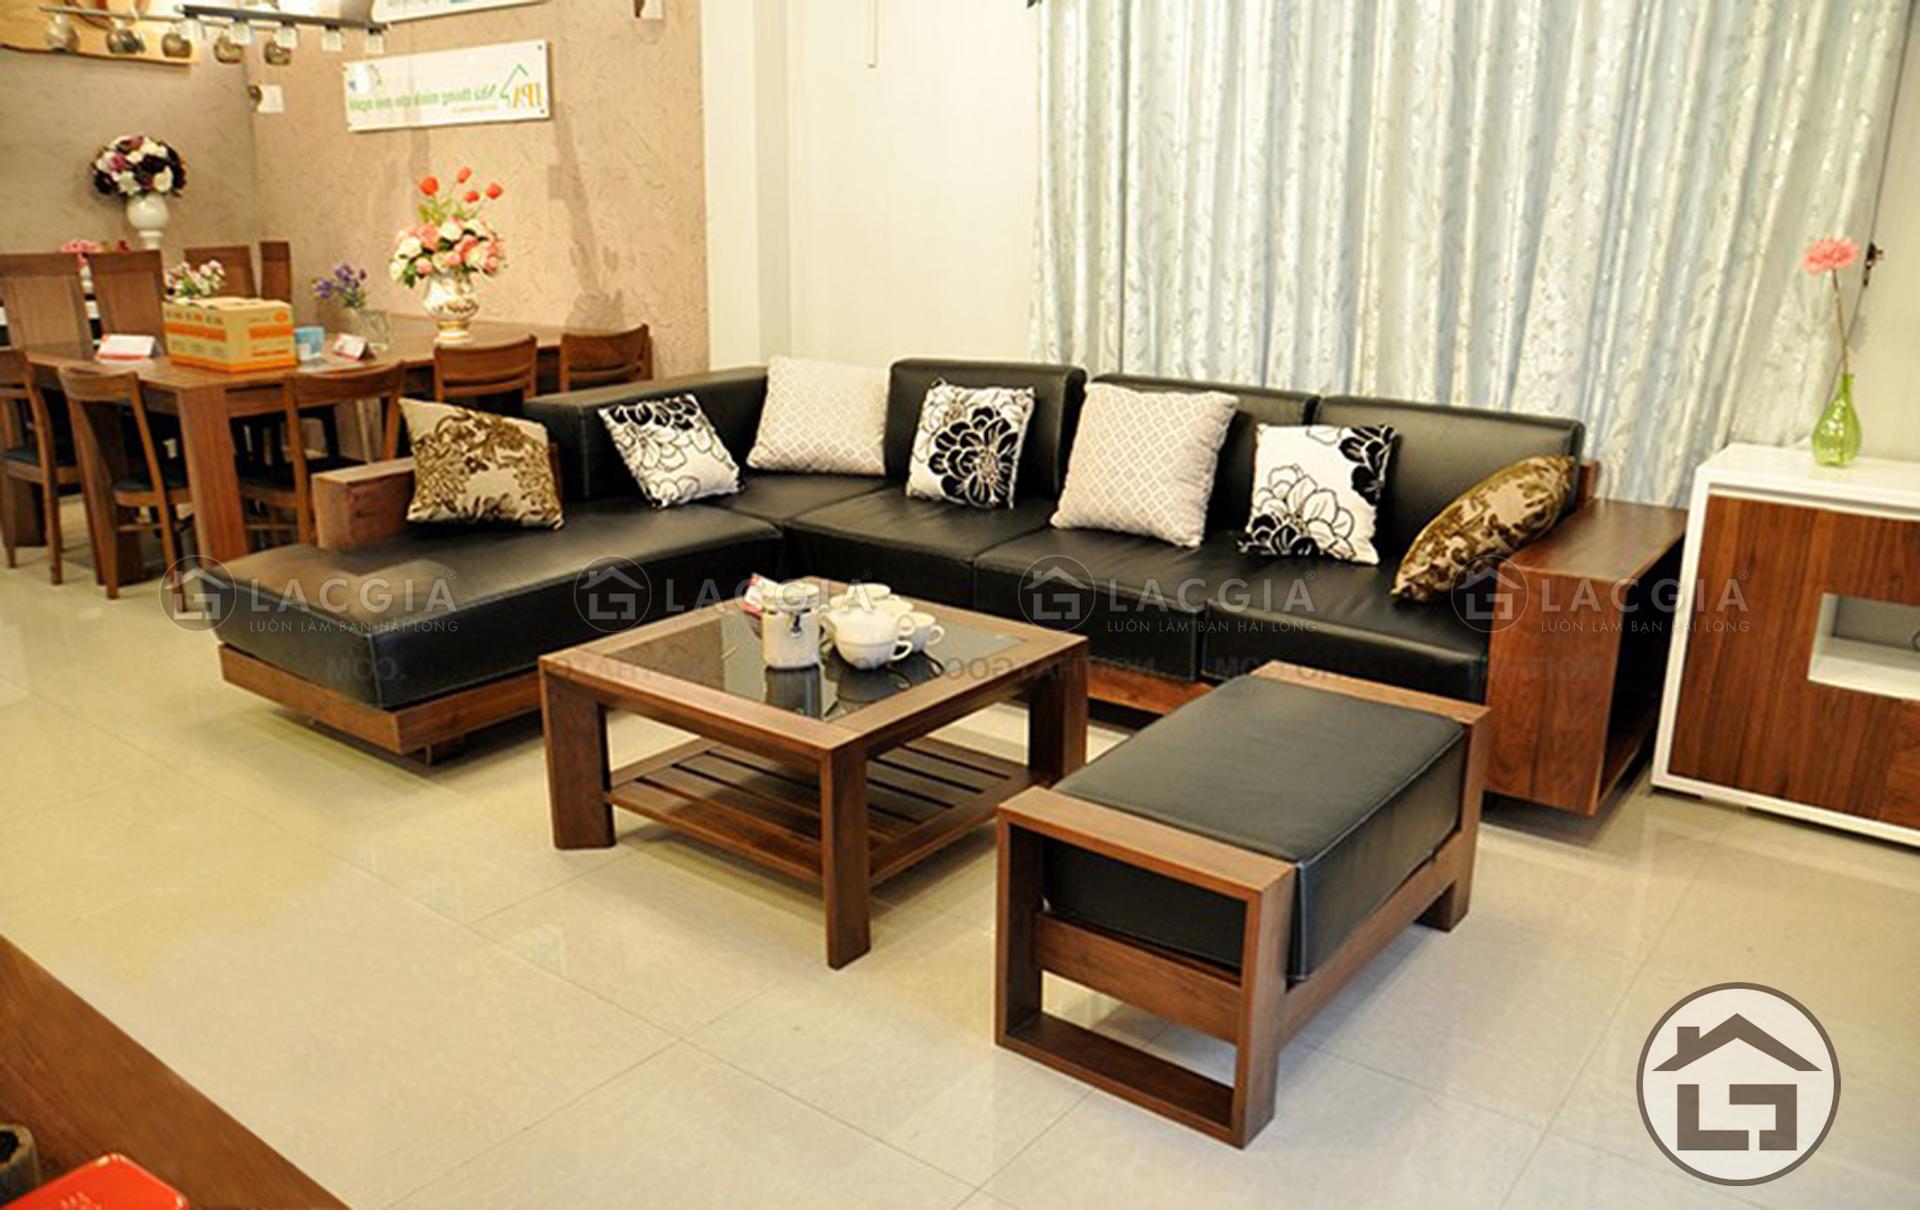 99 Mẫu Sofa Gỗ Hiện đại Sofa Gỗ Cao Cấp Cho Phong Khach Nhỏ